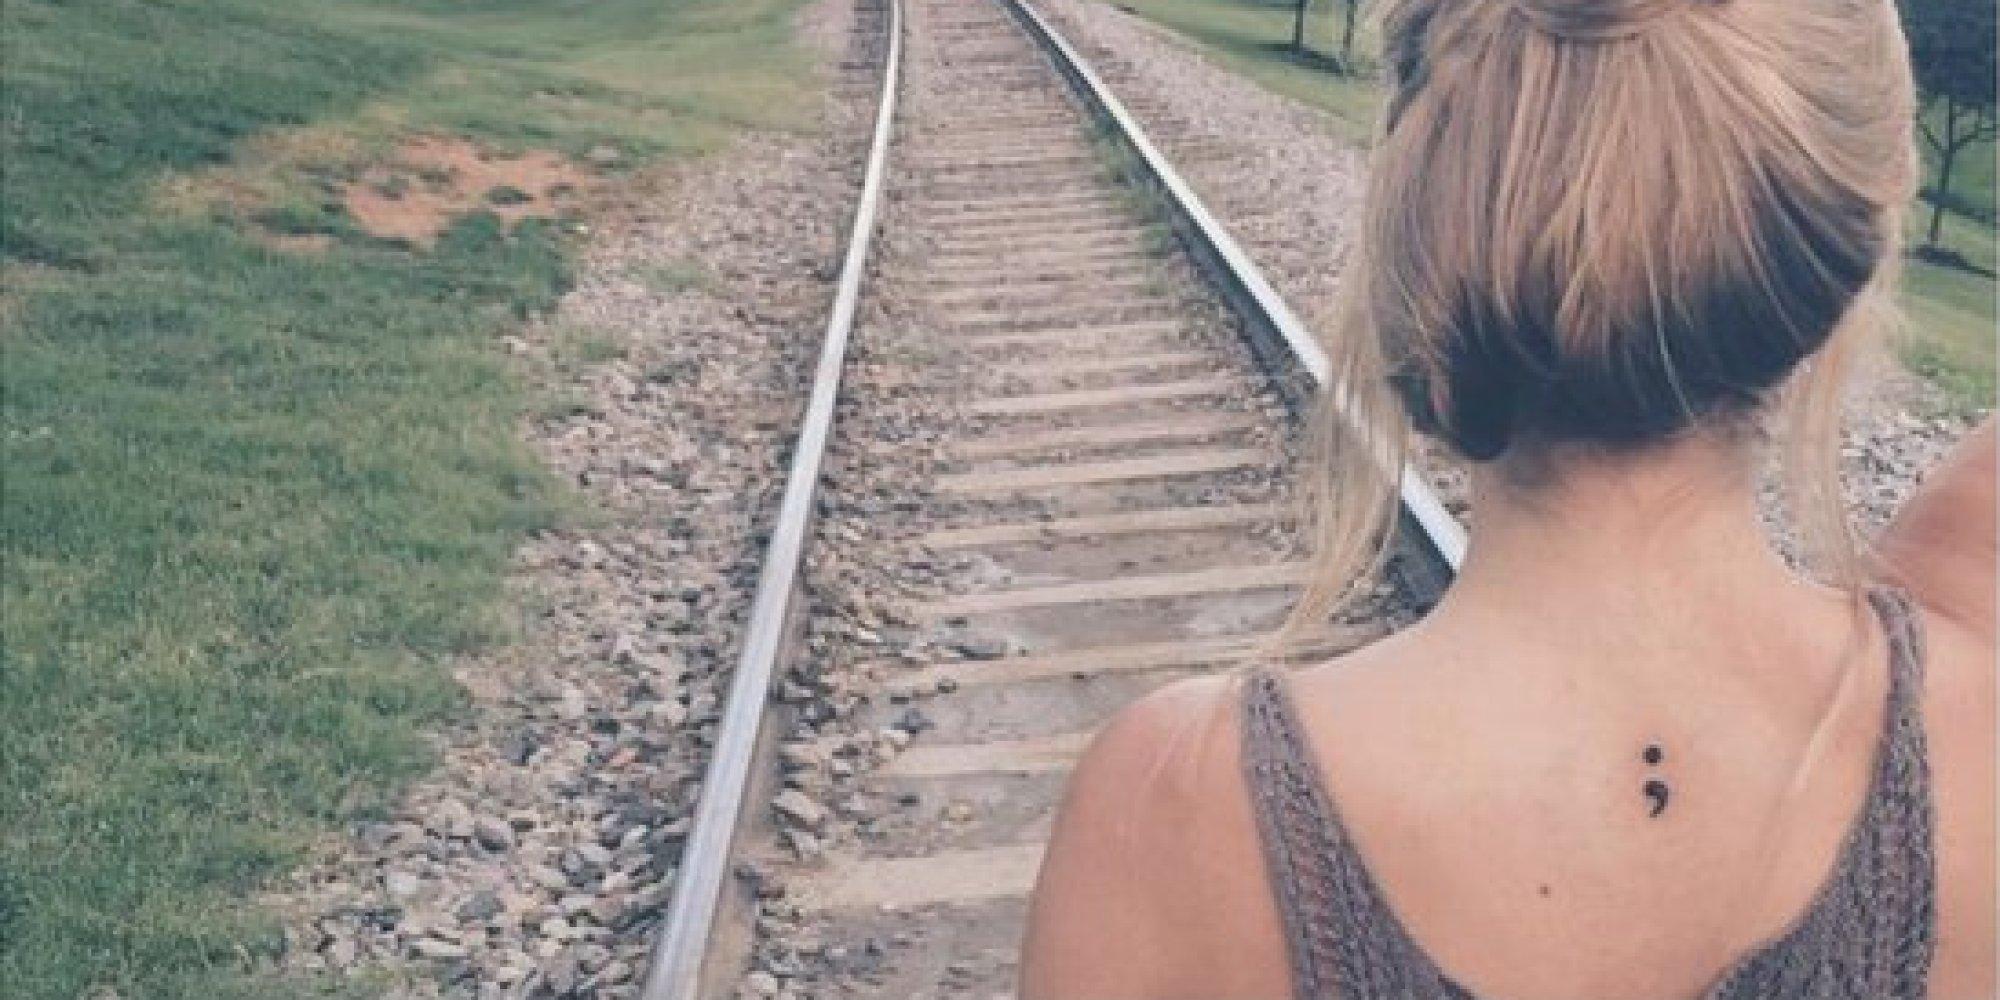 El Tatuaje De Punto Y Coma Es Símbolo De Fortaleza Entre Individuos